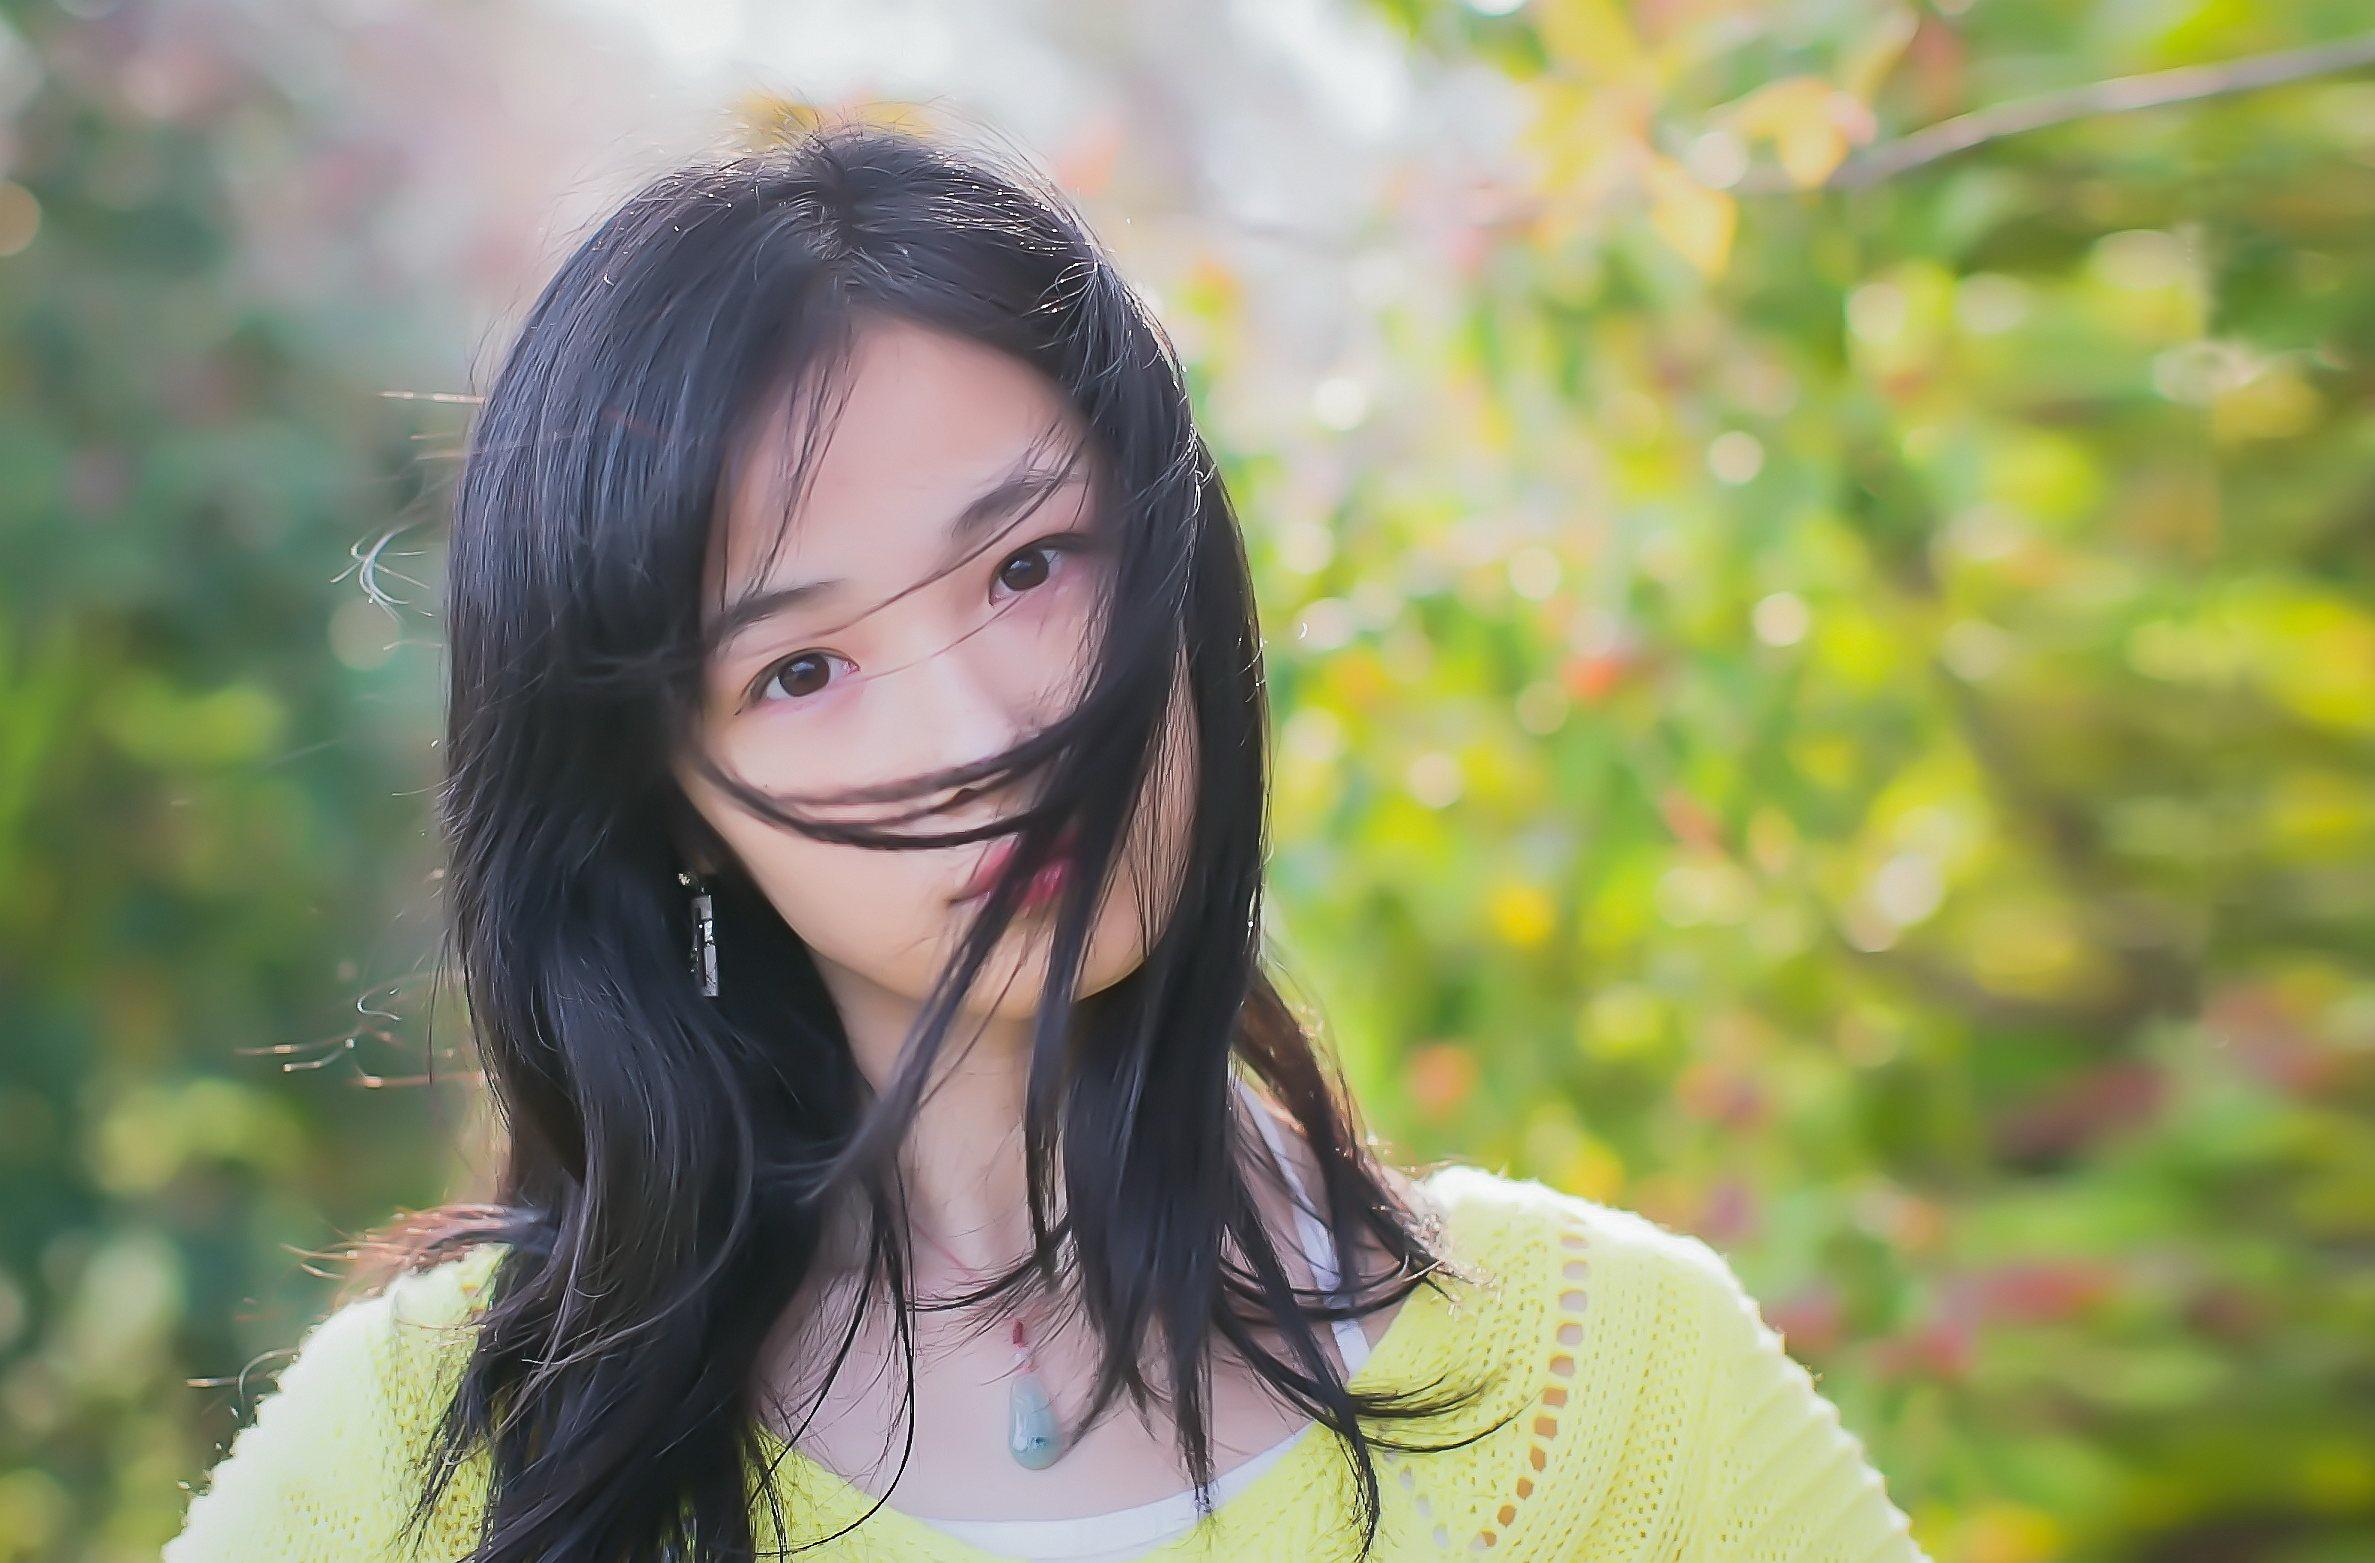 春色论坛_春色(页 1) - 美女贴图 - 华声论坛 -- 无图精简版